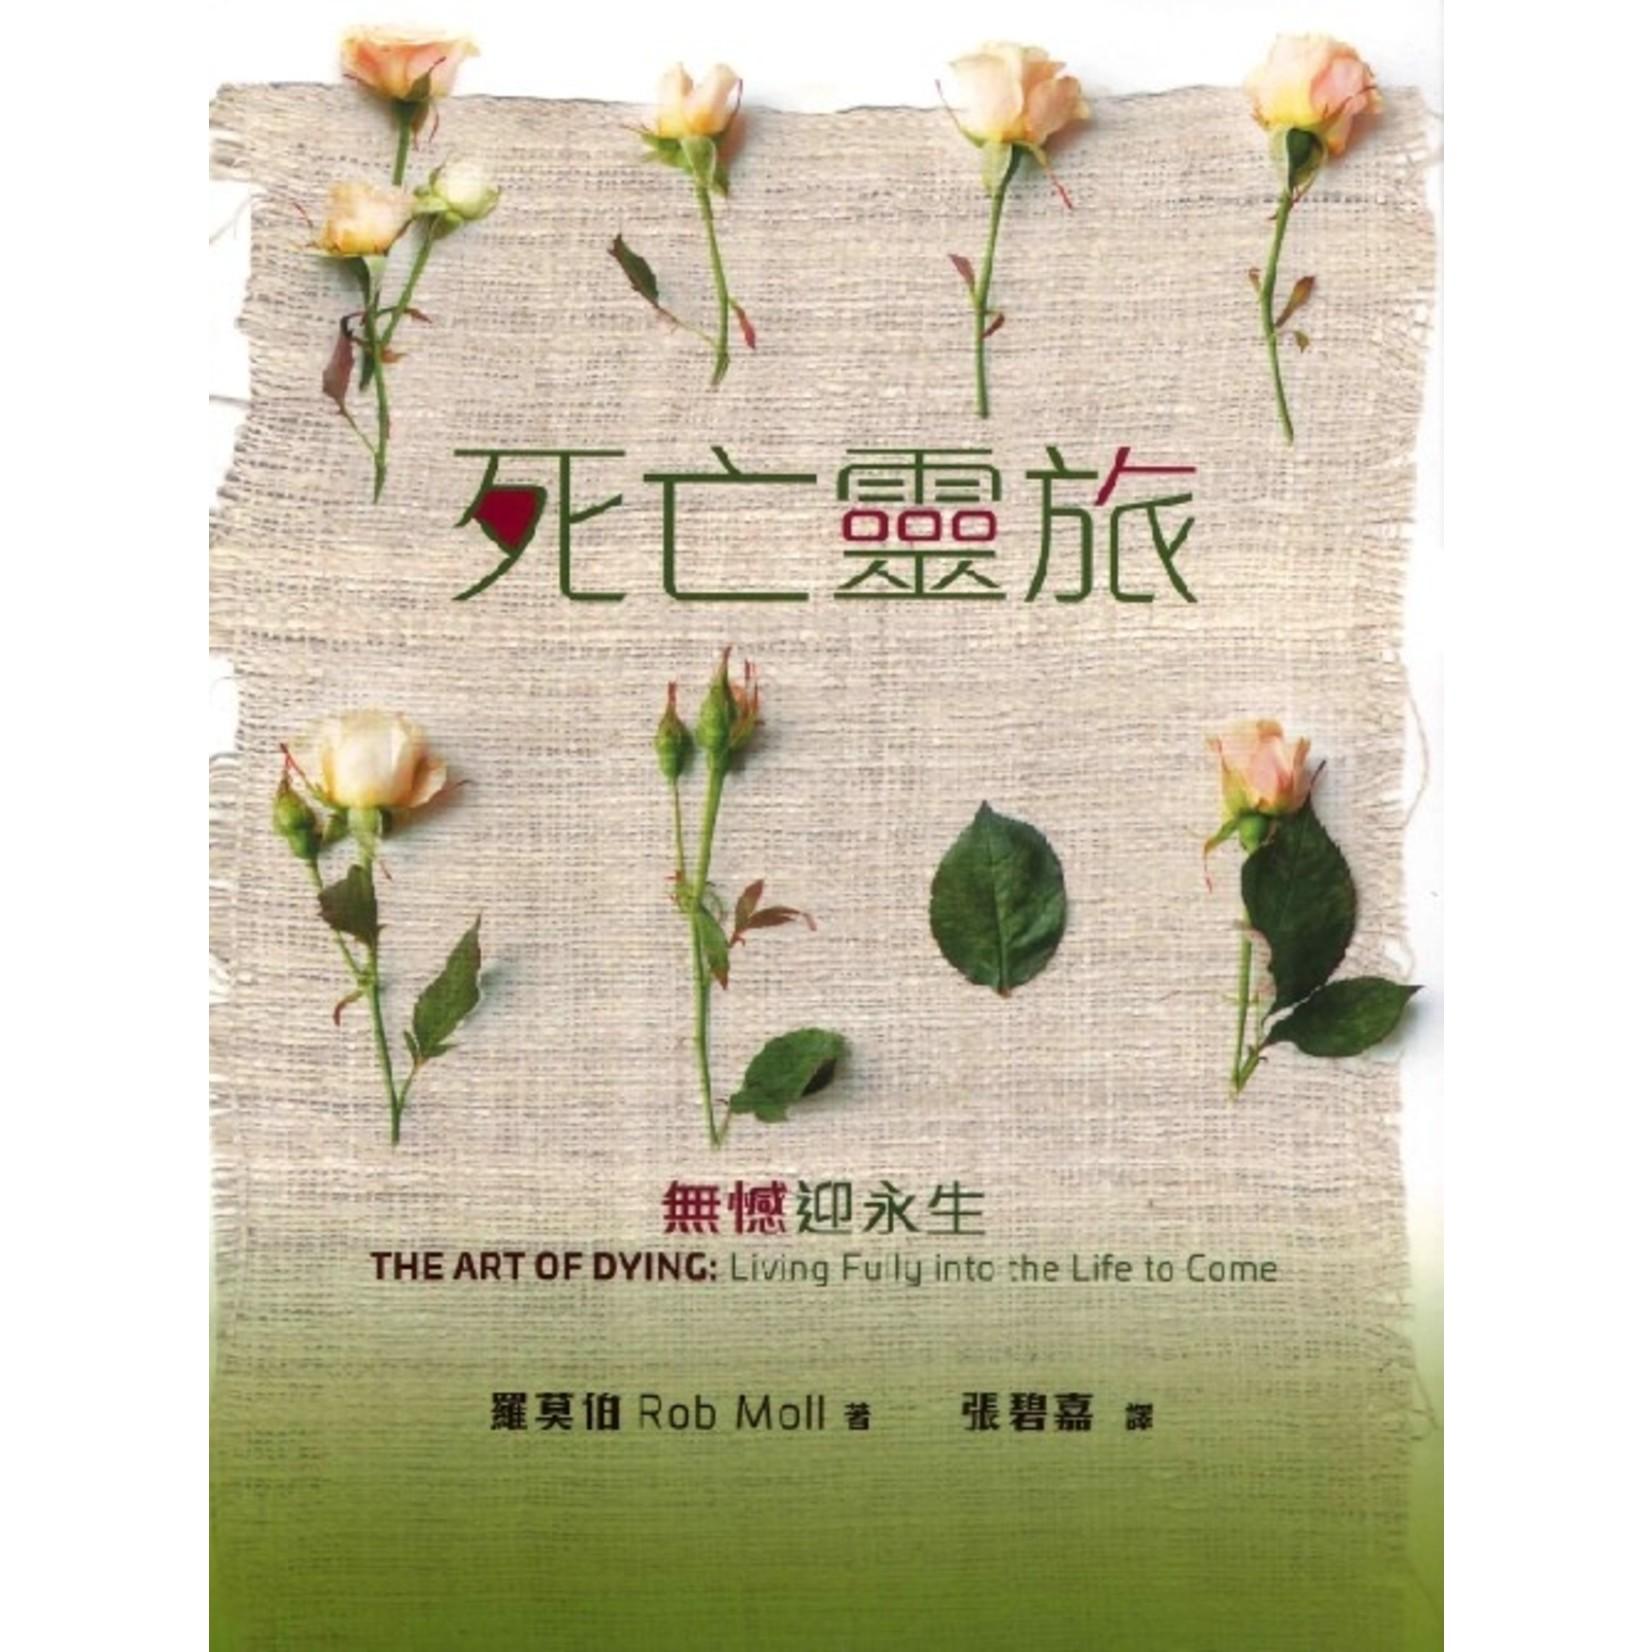 宣道 China Alliance Press 死亡靈旅:無憾迎永生 The Art of Dying: Living Fully into the Life to Come